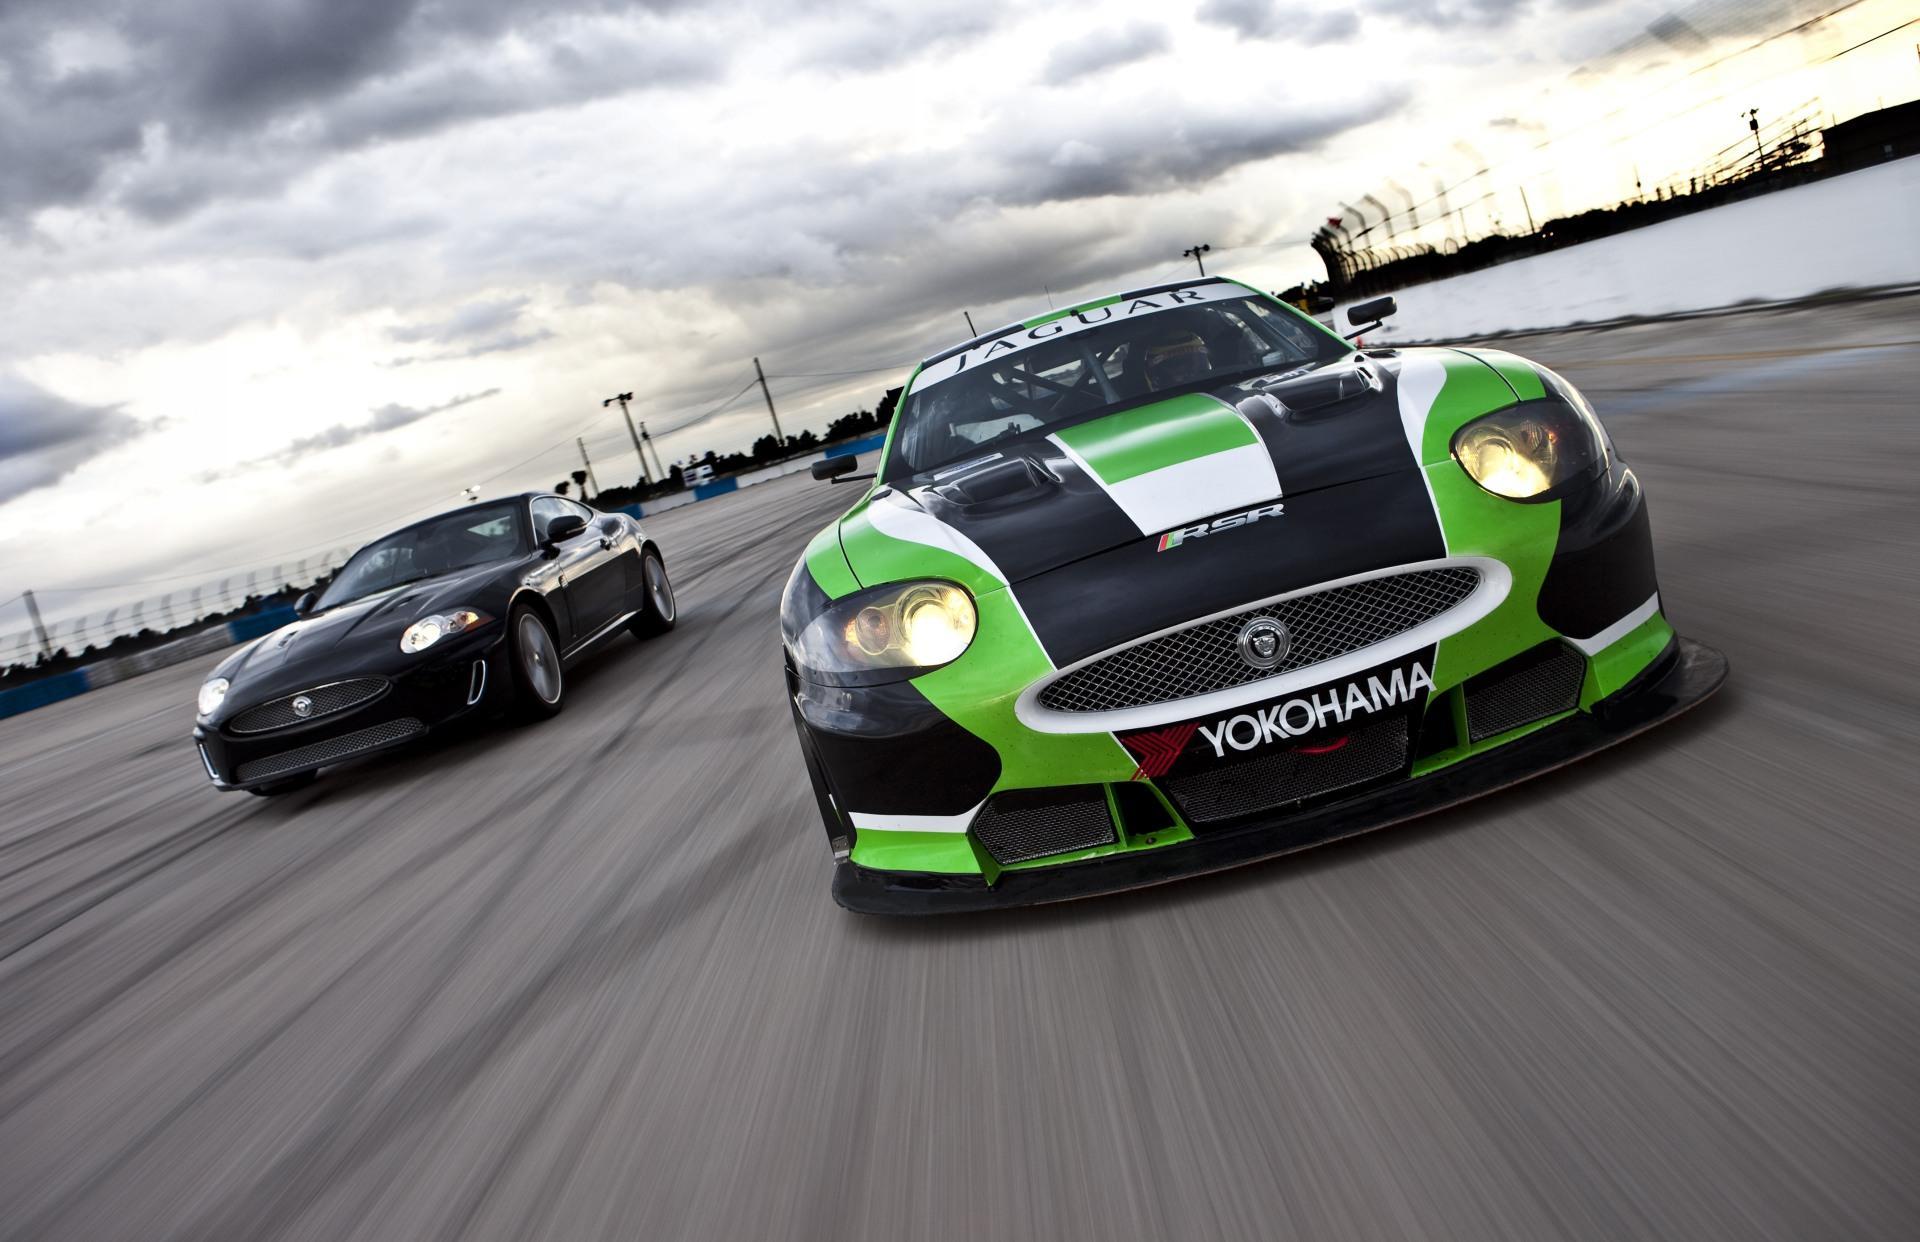 2010 Jaguar XKR GT2 Image. Photo 1 of 4